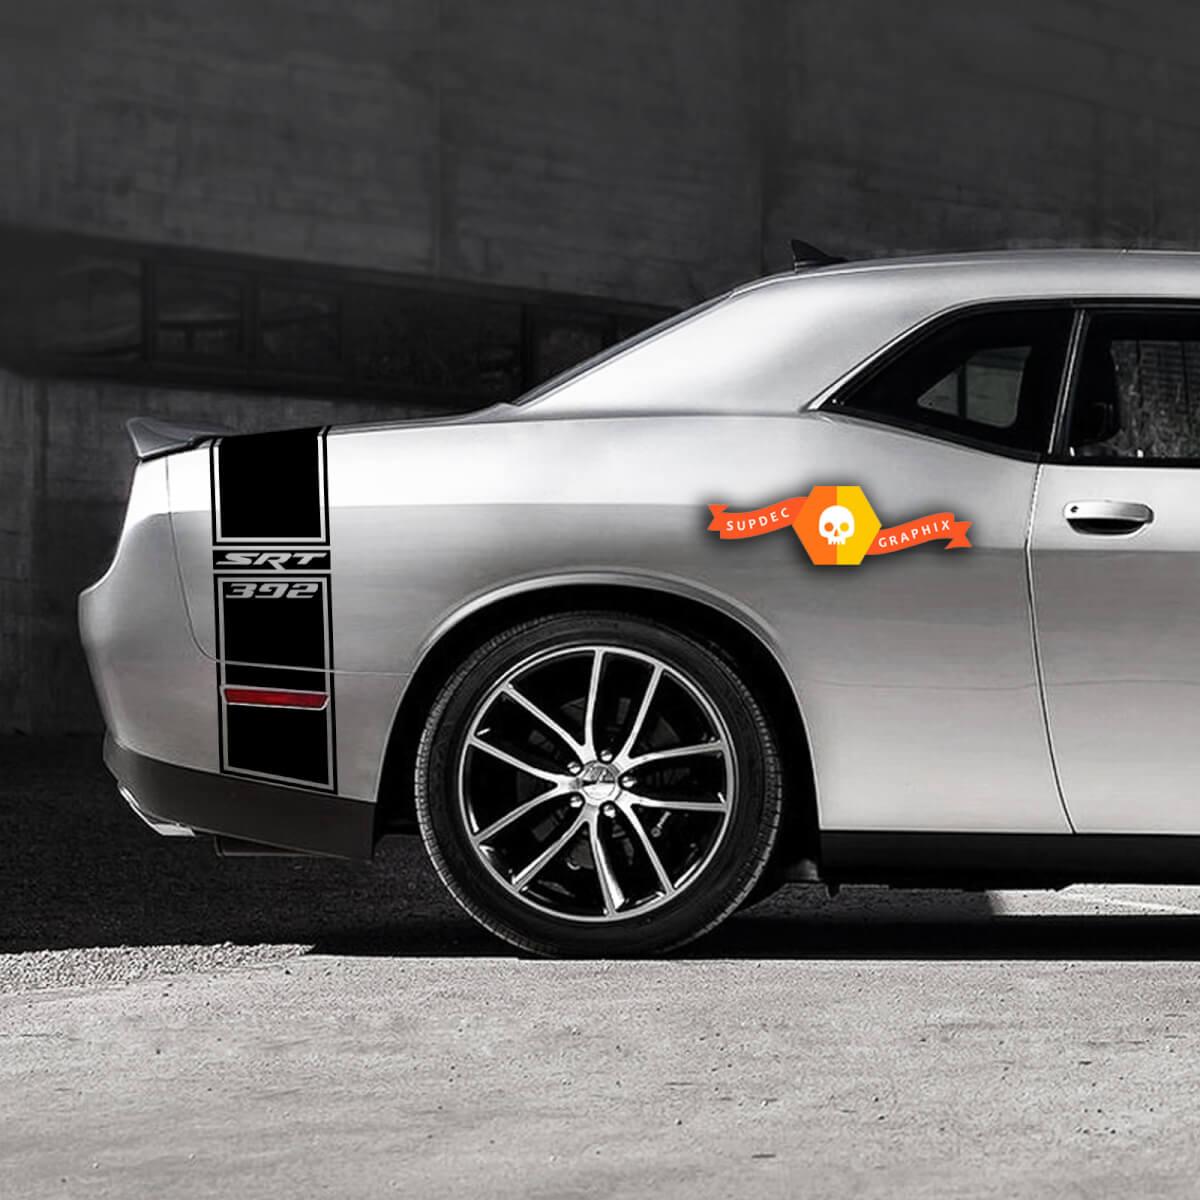 Dodge Challenger Hemi SRT 392 Schwanzband Aufkleber Grafik passt zu Modellen